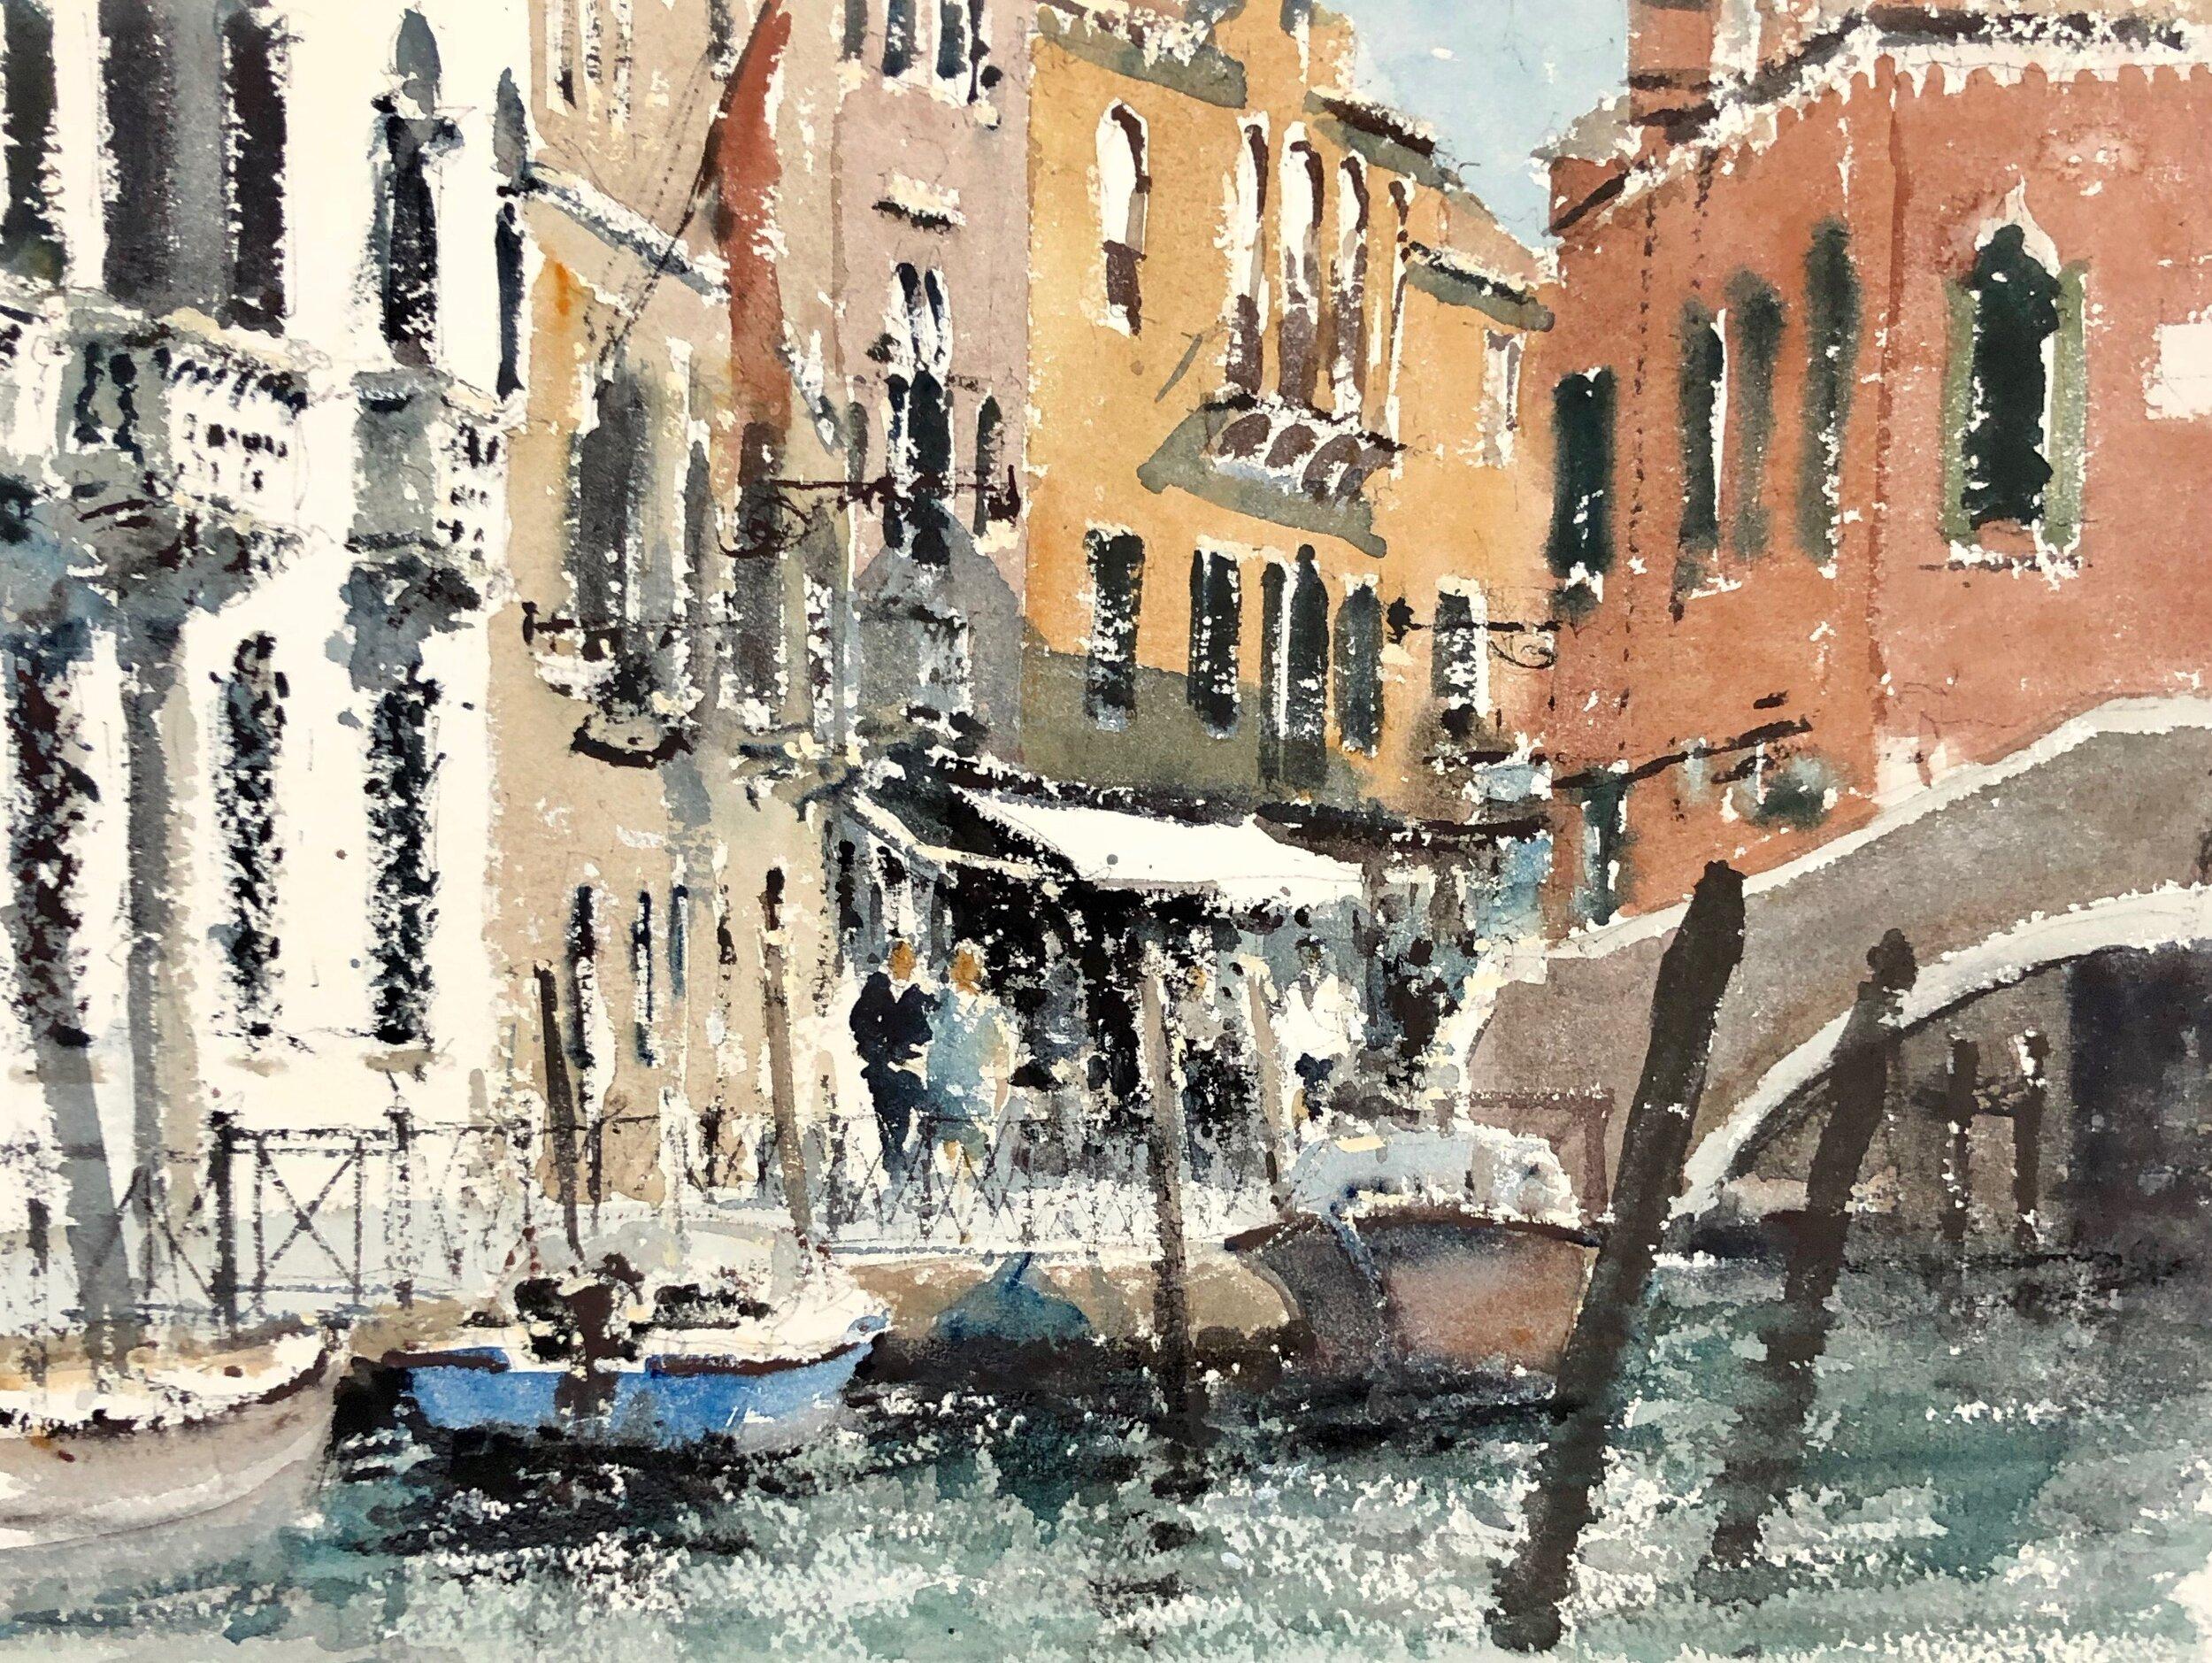 Fondamenta Minotto Venice: 11 x 15.5 in: £750